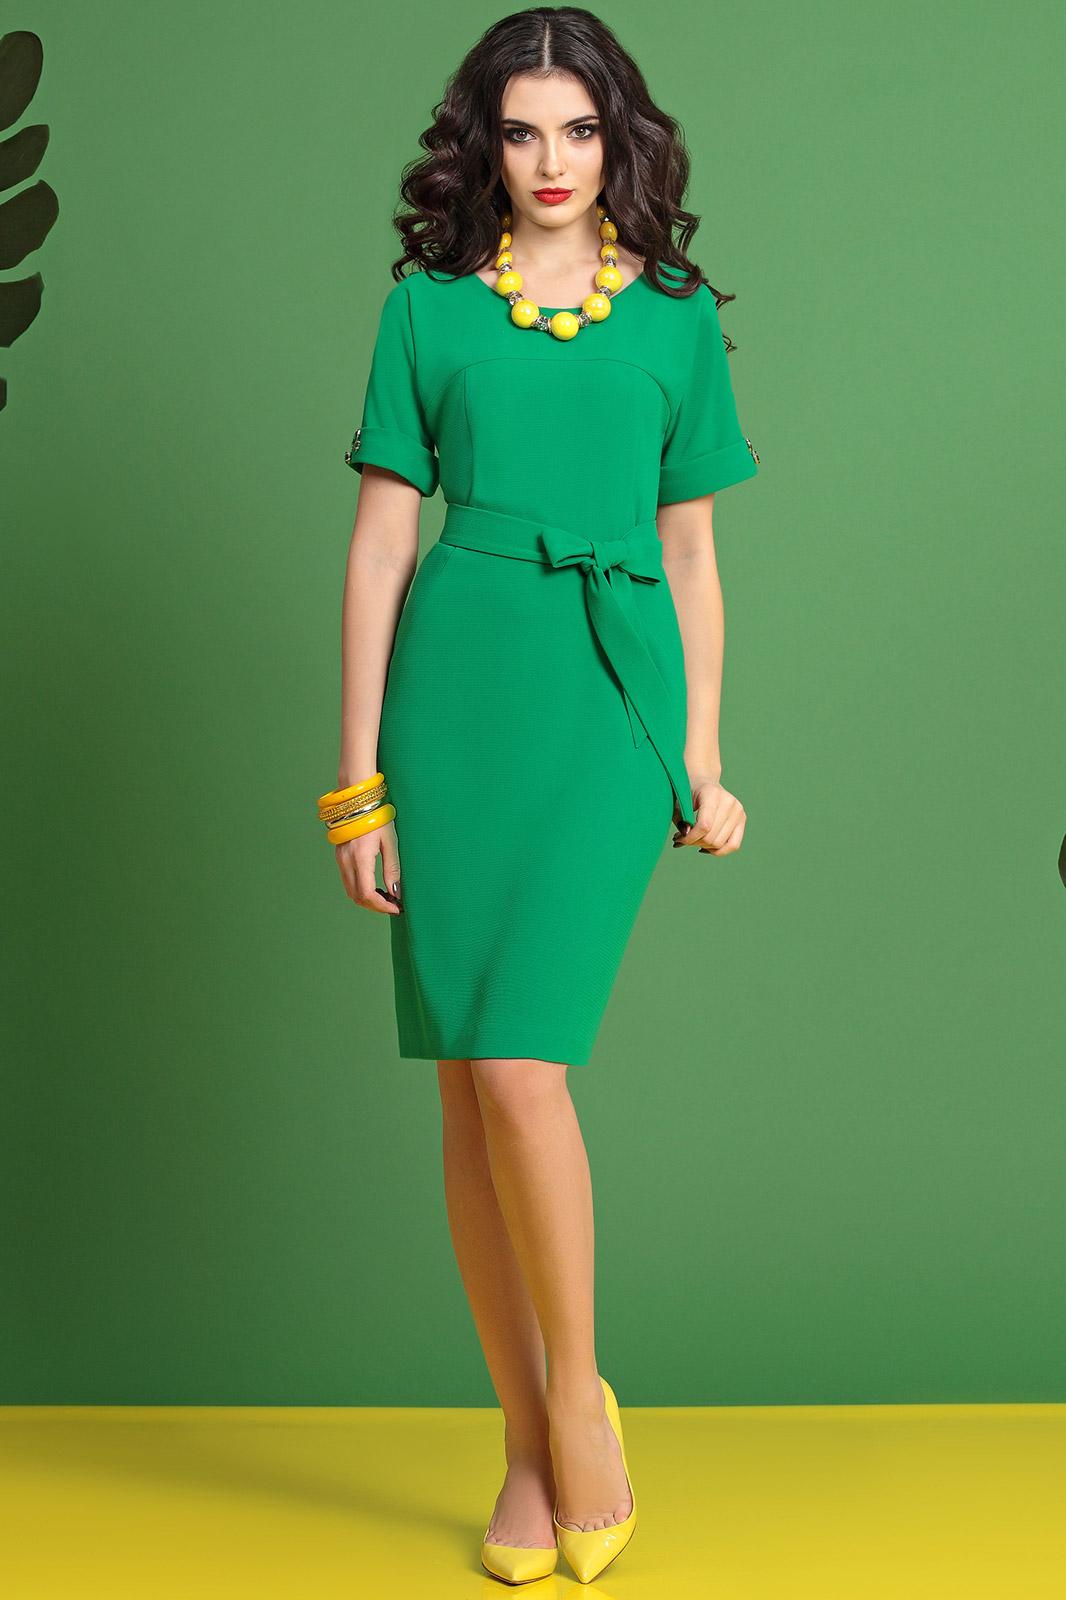 Модели женского платья фото